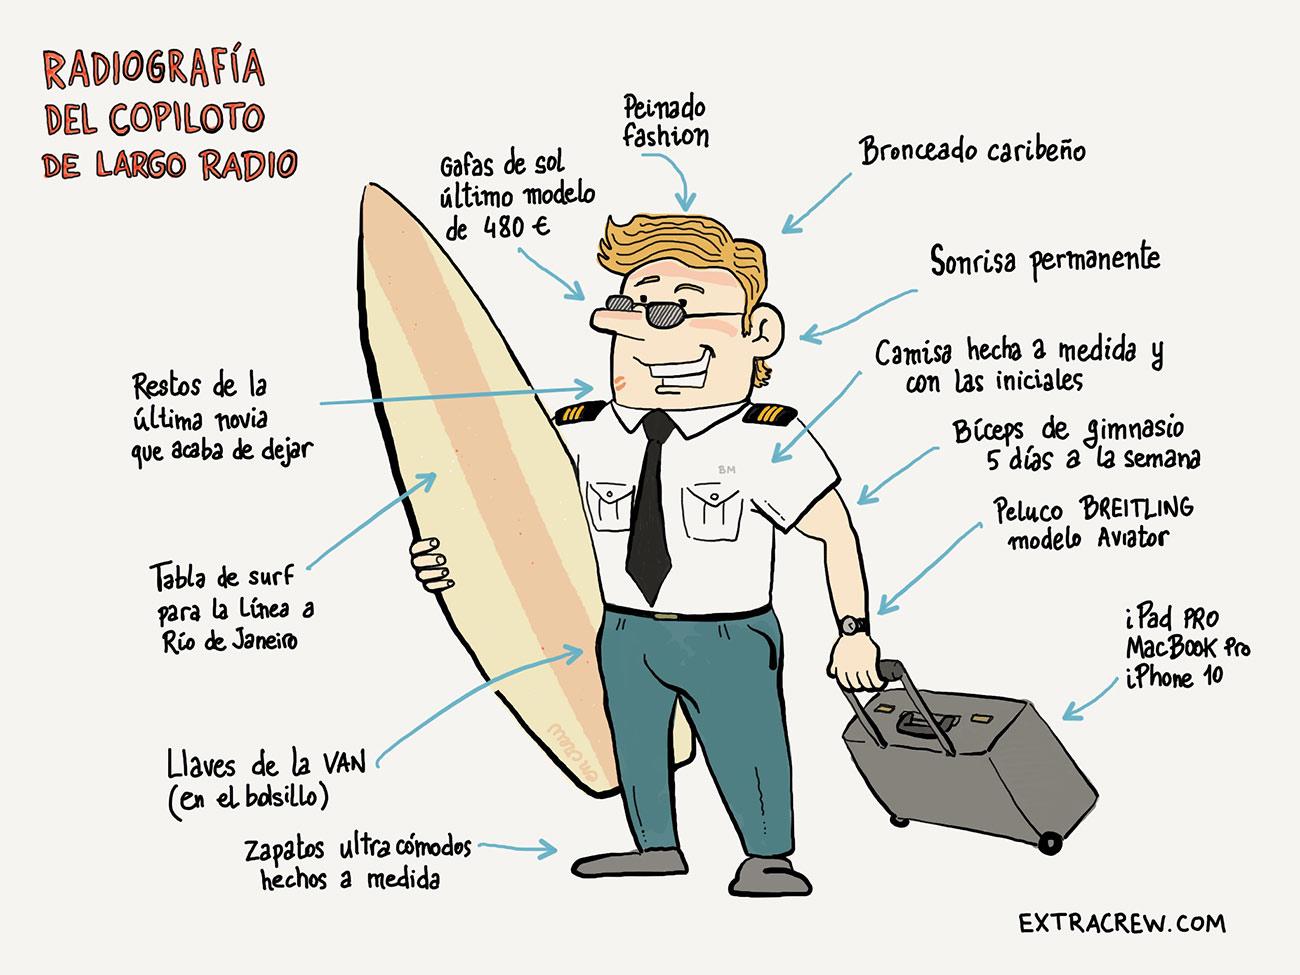 radiografia-copiloto-G